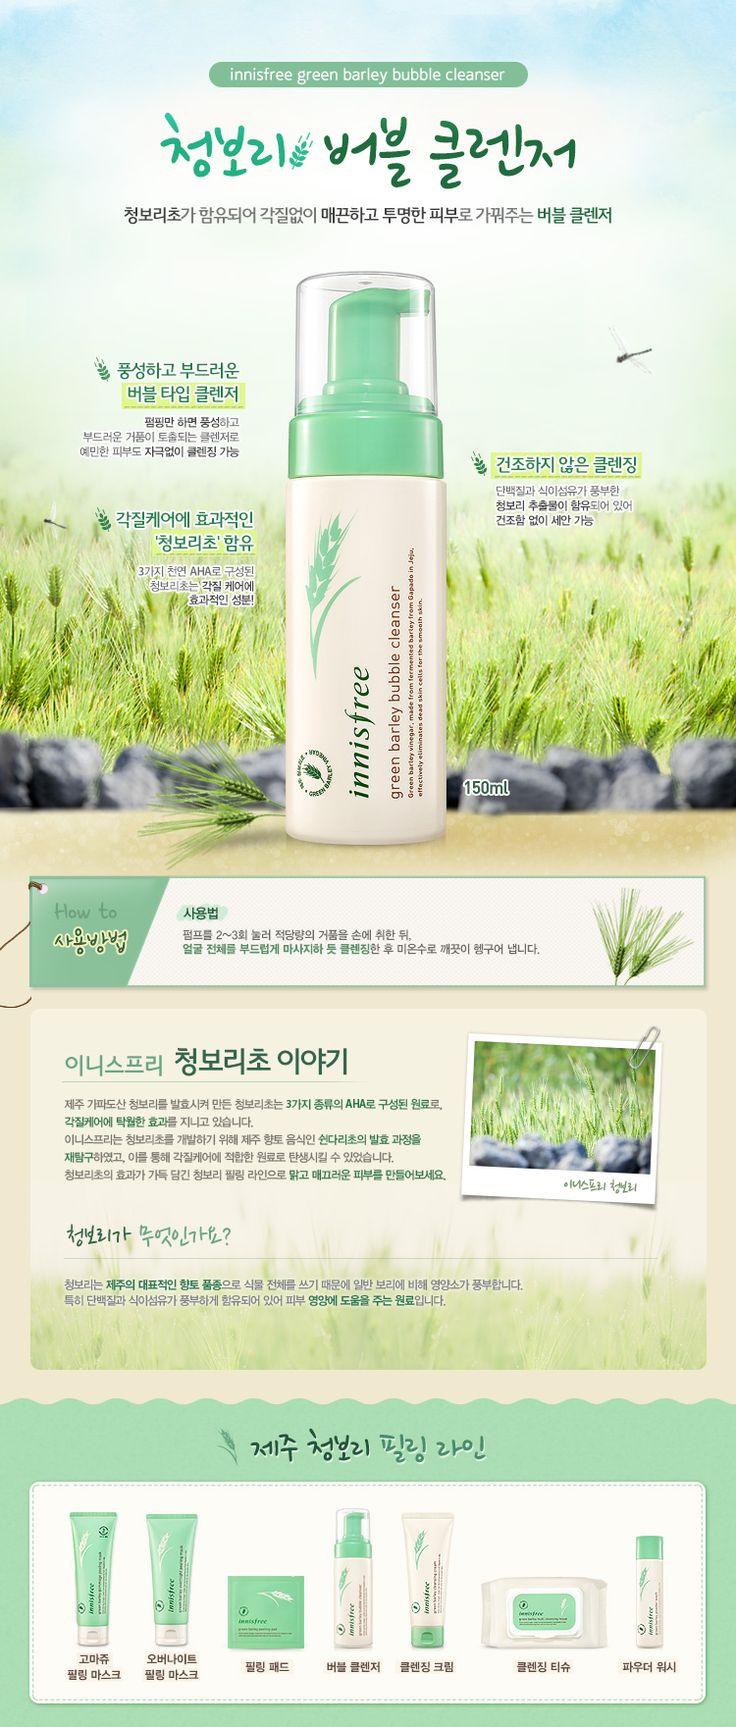 쇼핑하기 > 청보리 > 폼 클렌징 | Natural benefit from Jeju, innisfree